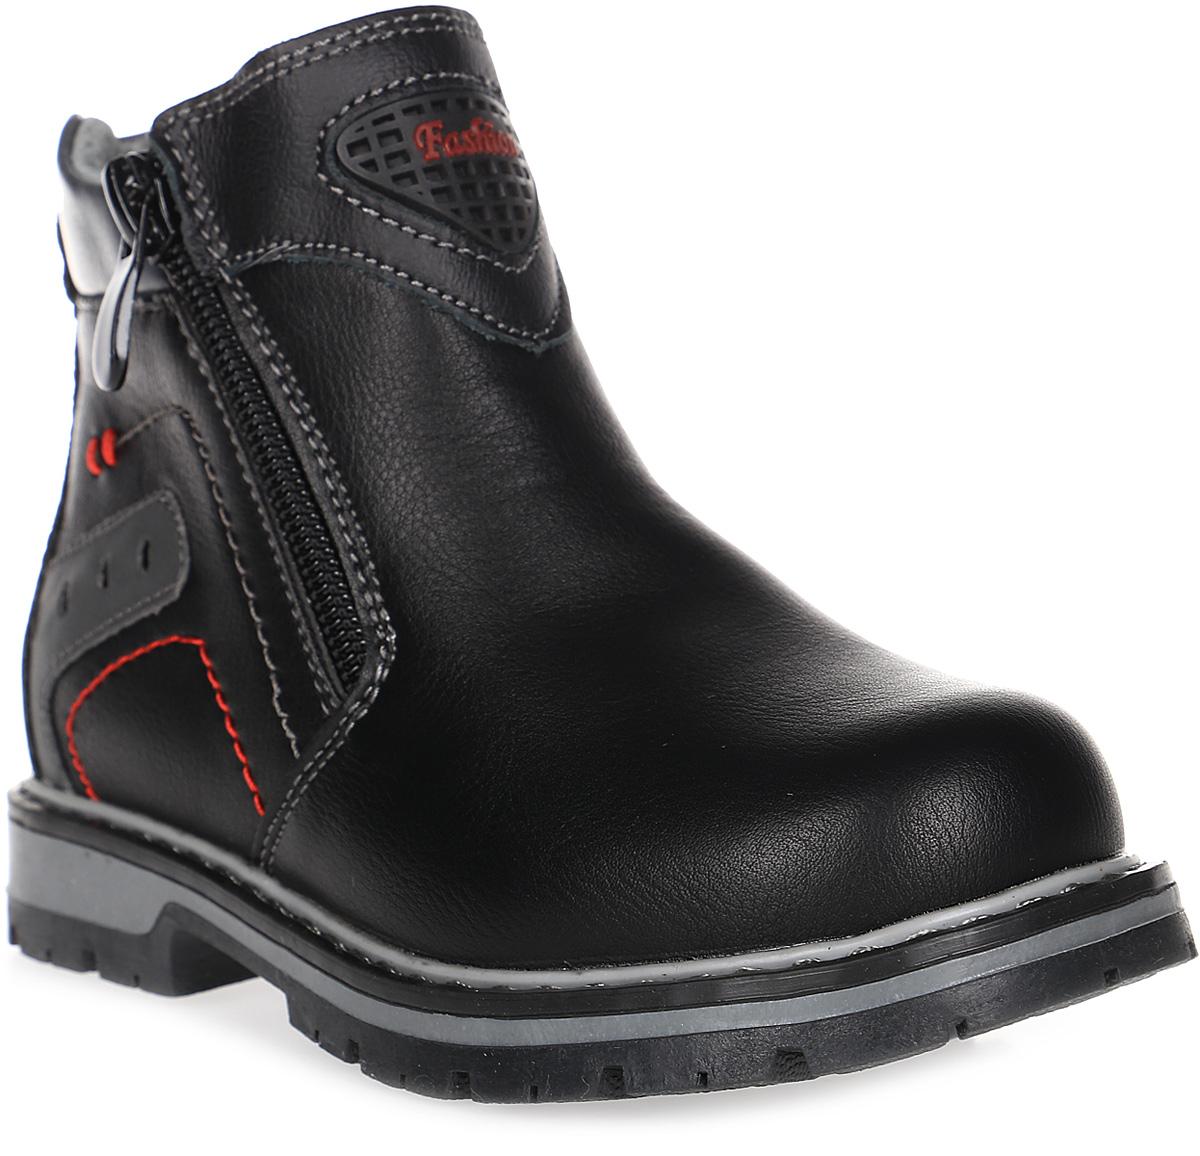 Ботинки для мальчика Счастливый ребенок, цвет: черный. E7121-1. Размер 30E7121-1Ботинки для мальчика Счастливый ребенок выполнены из искусственной кожи. Подошва изготовлена из легкого, гибкого и прочного термопластичного материала. Она обеспечивает отличную амортизацию и смягчает удары от соприкосновения обуви с поверхностью, а протектор подошвы создает надежное сцепление с землей или асфальтом. Внутренняя поверхность и стелька изготовлены из текстиля. Модель застегивается на молнию с двух сторон.